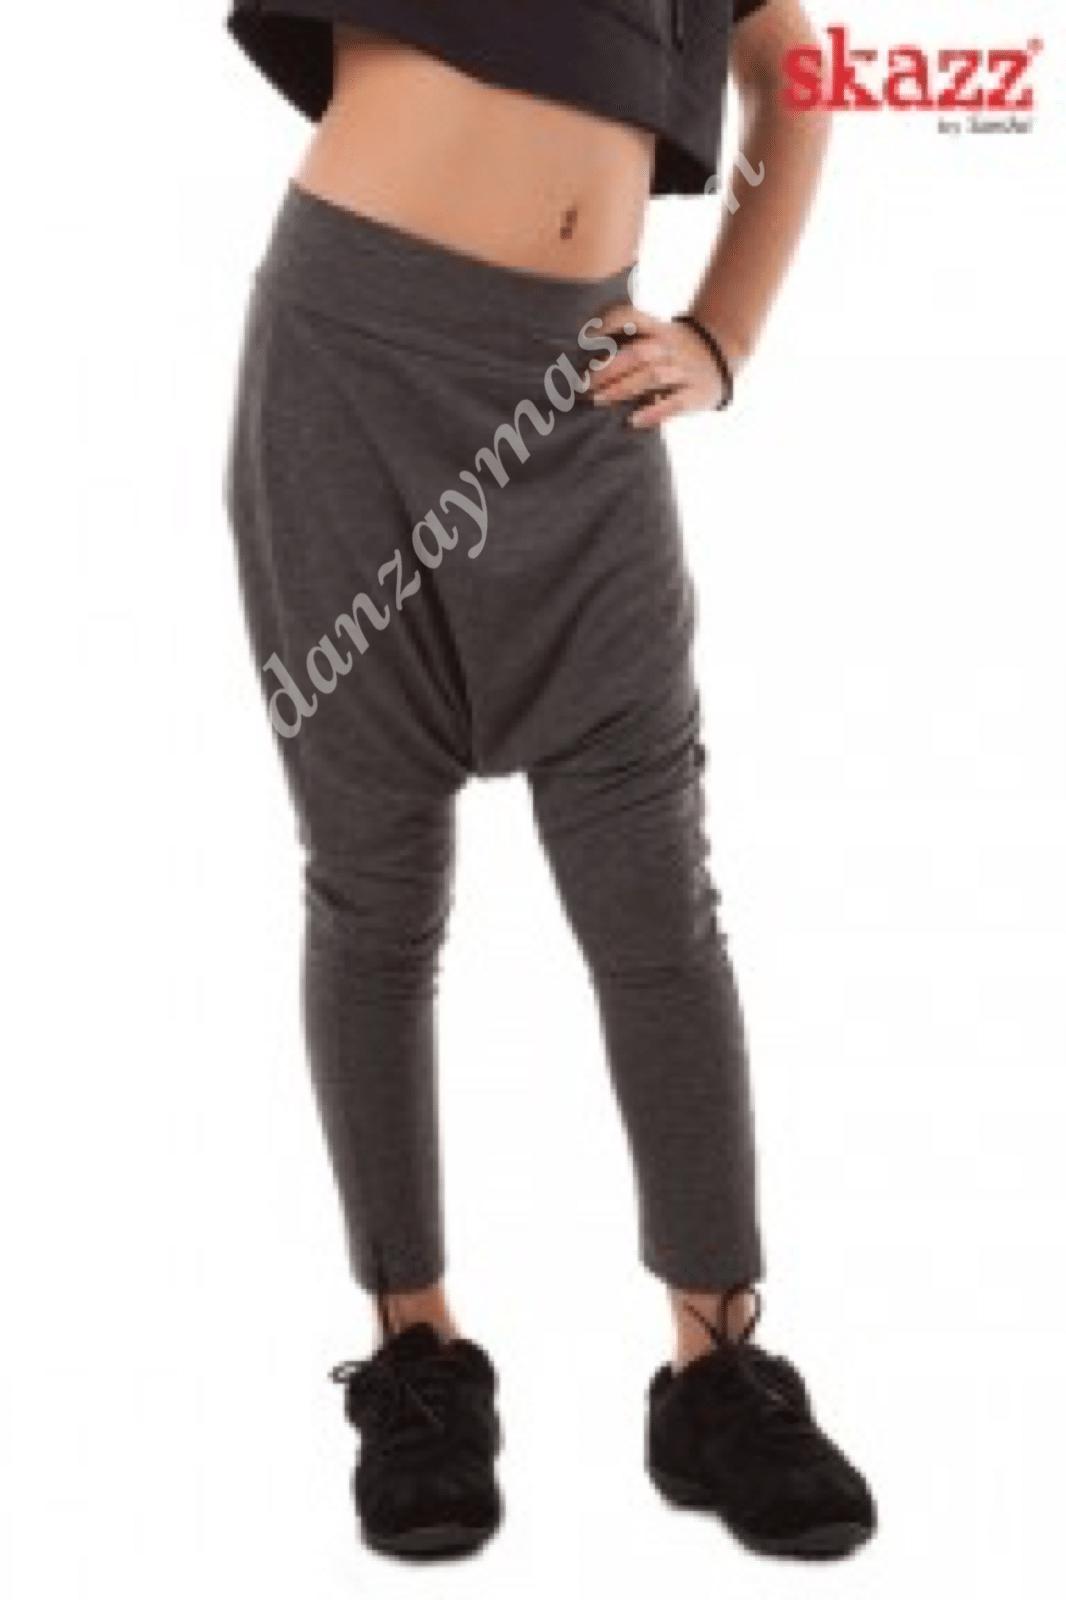 Pantalón HIP HOP gris Sansha 0145c